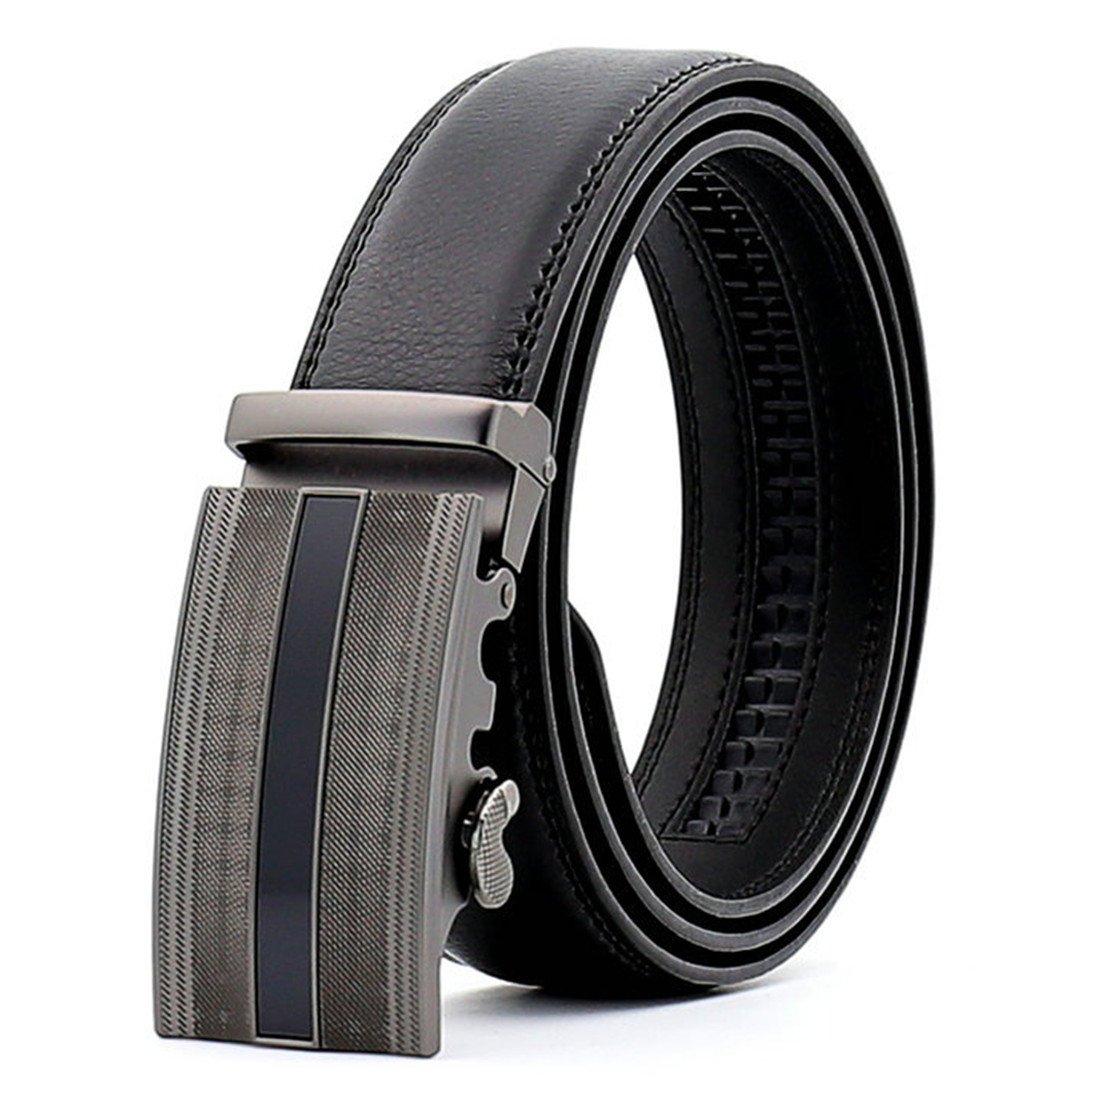 KHC Men's Leather Belt 100% Leather Dress Belt with Solid Buckle oversize Color Black Size 5XL apparel-belts